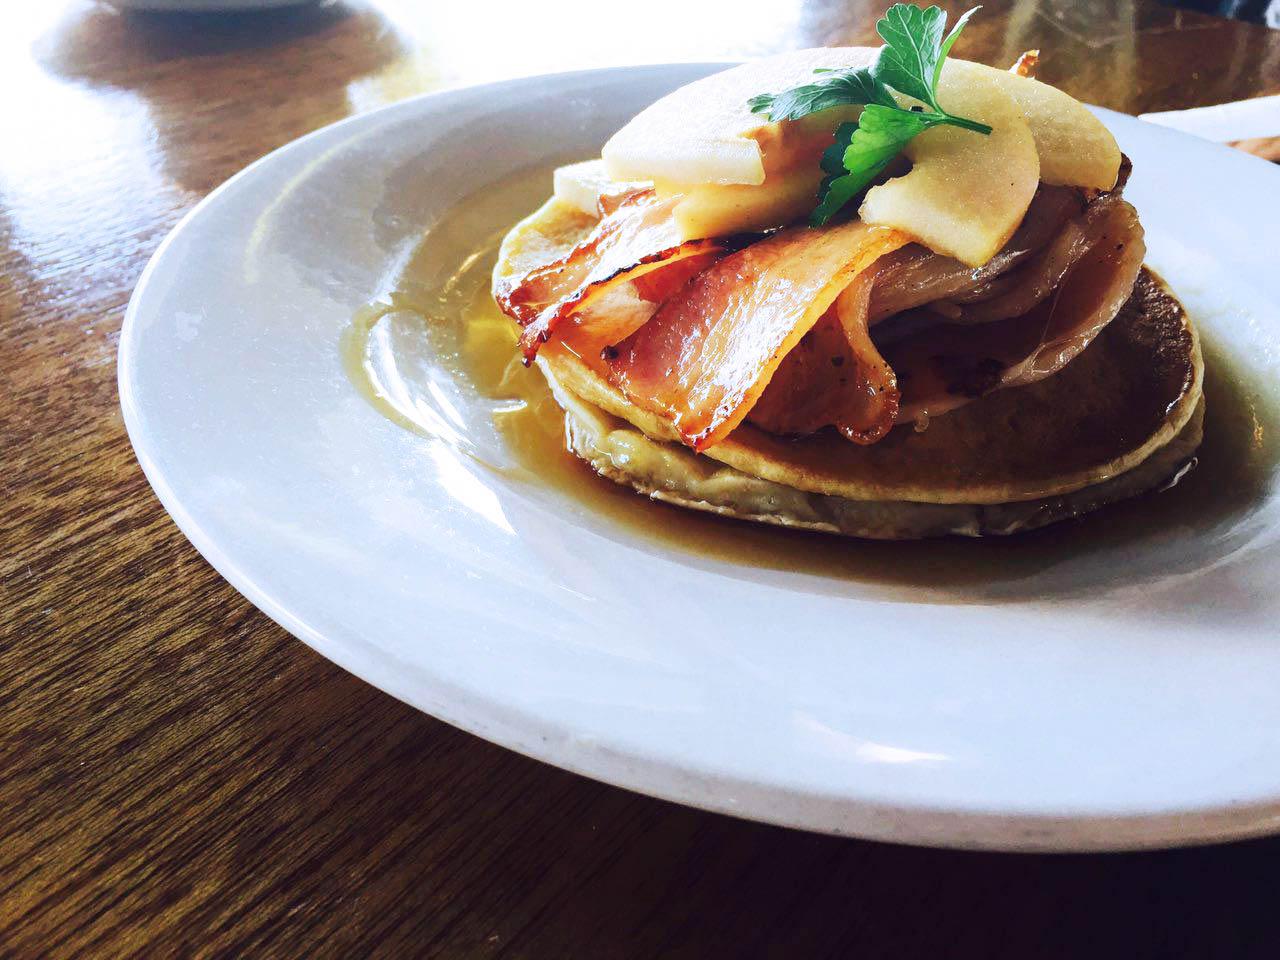 pancake closeup